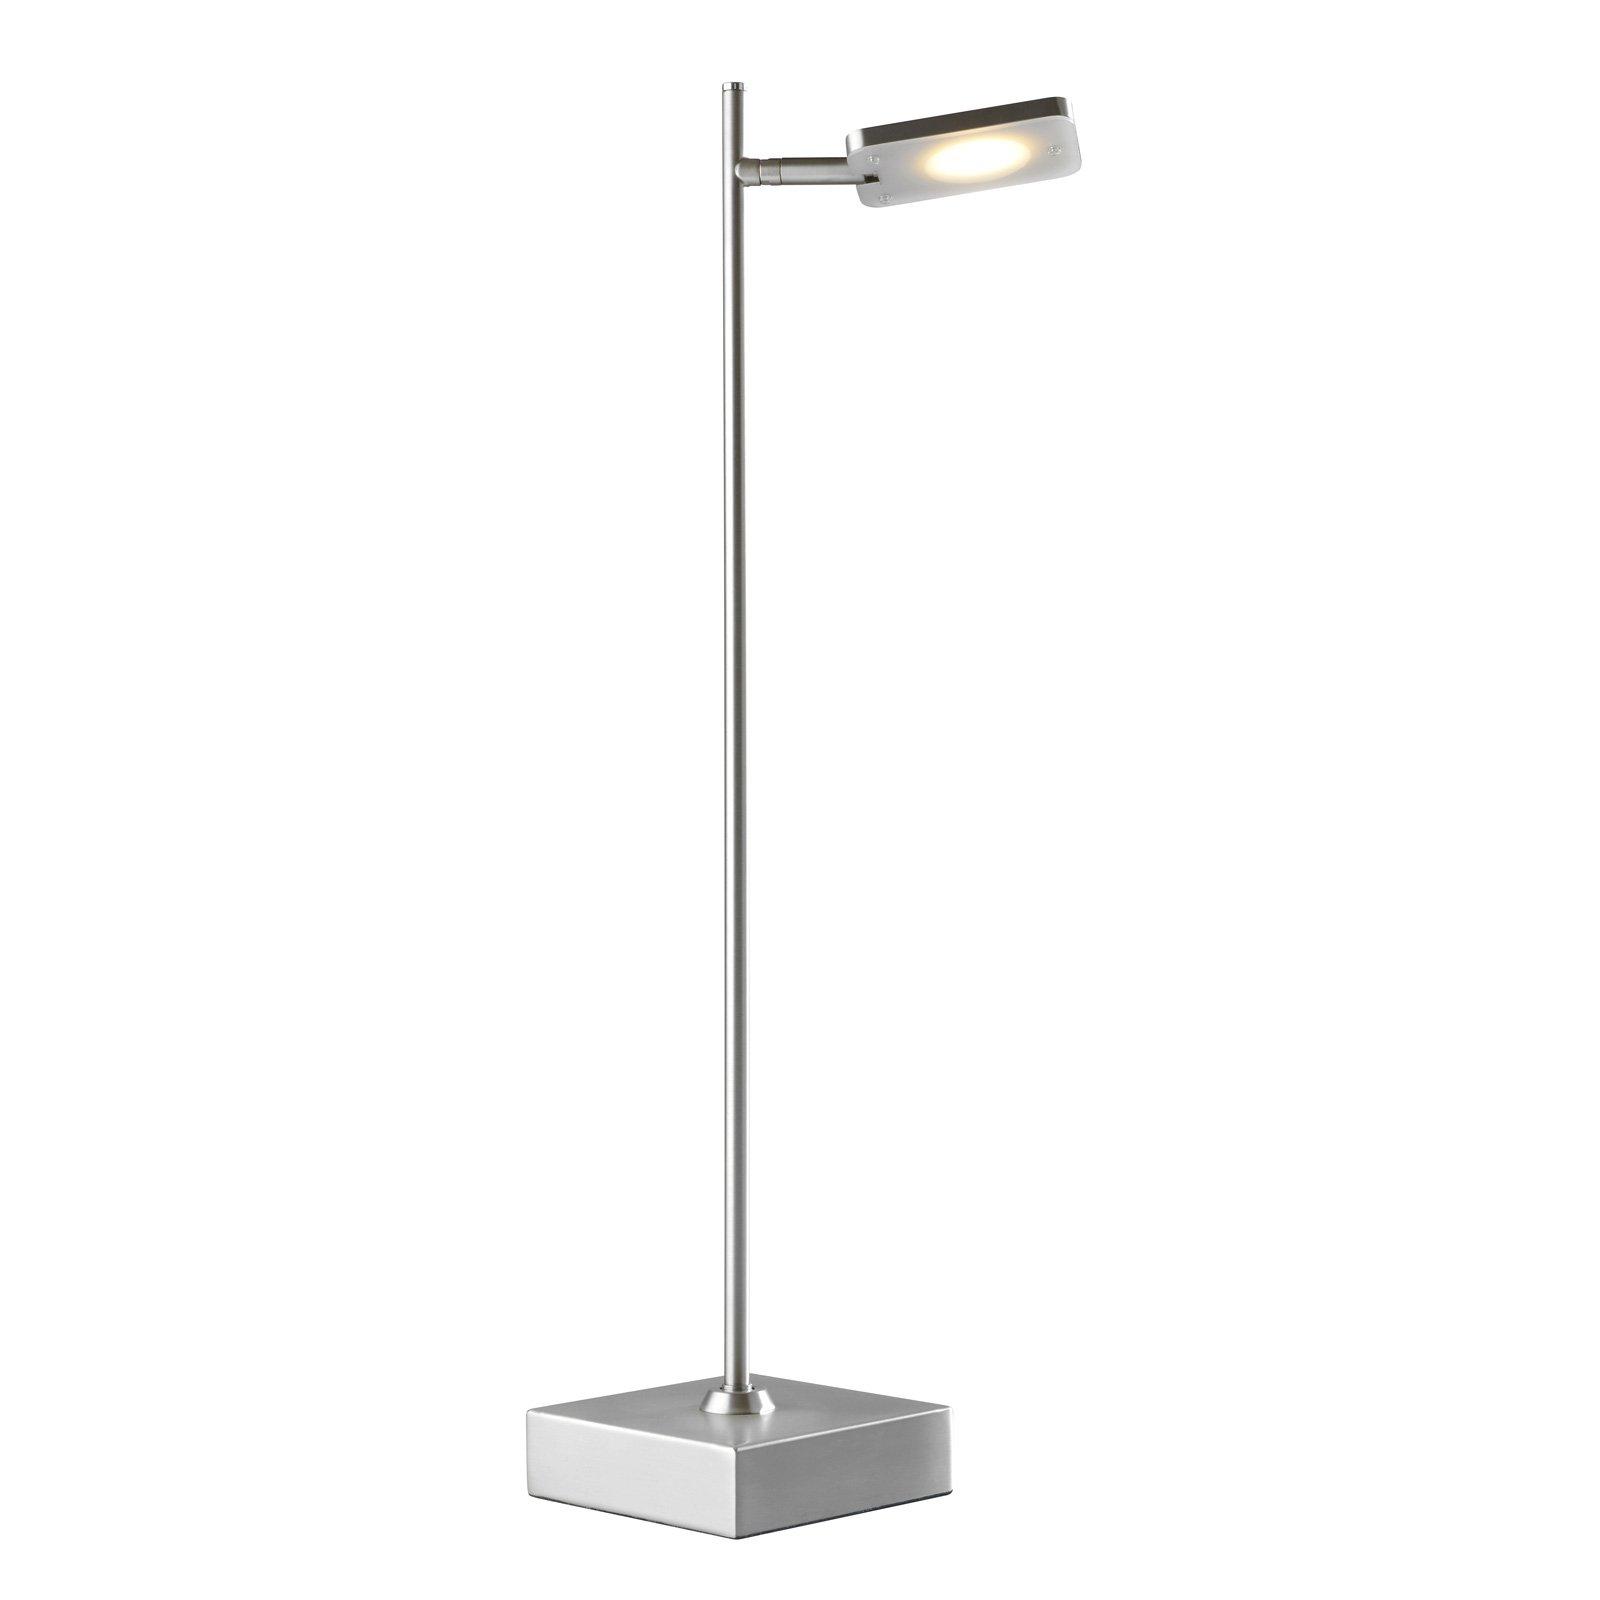 LED-bordlampe Quad, dimmer, 1 lyskilde, aluminium